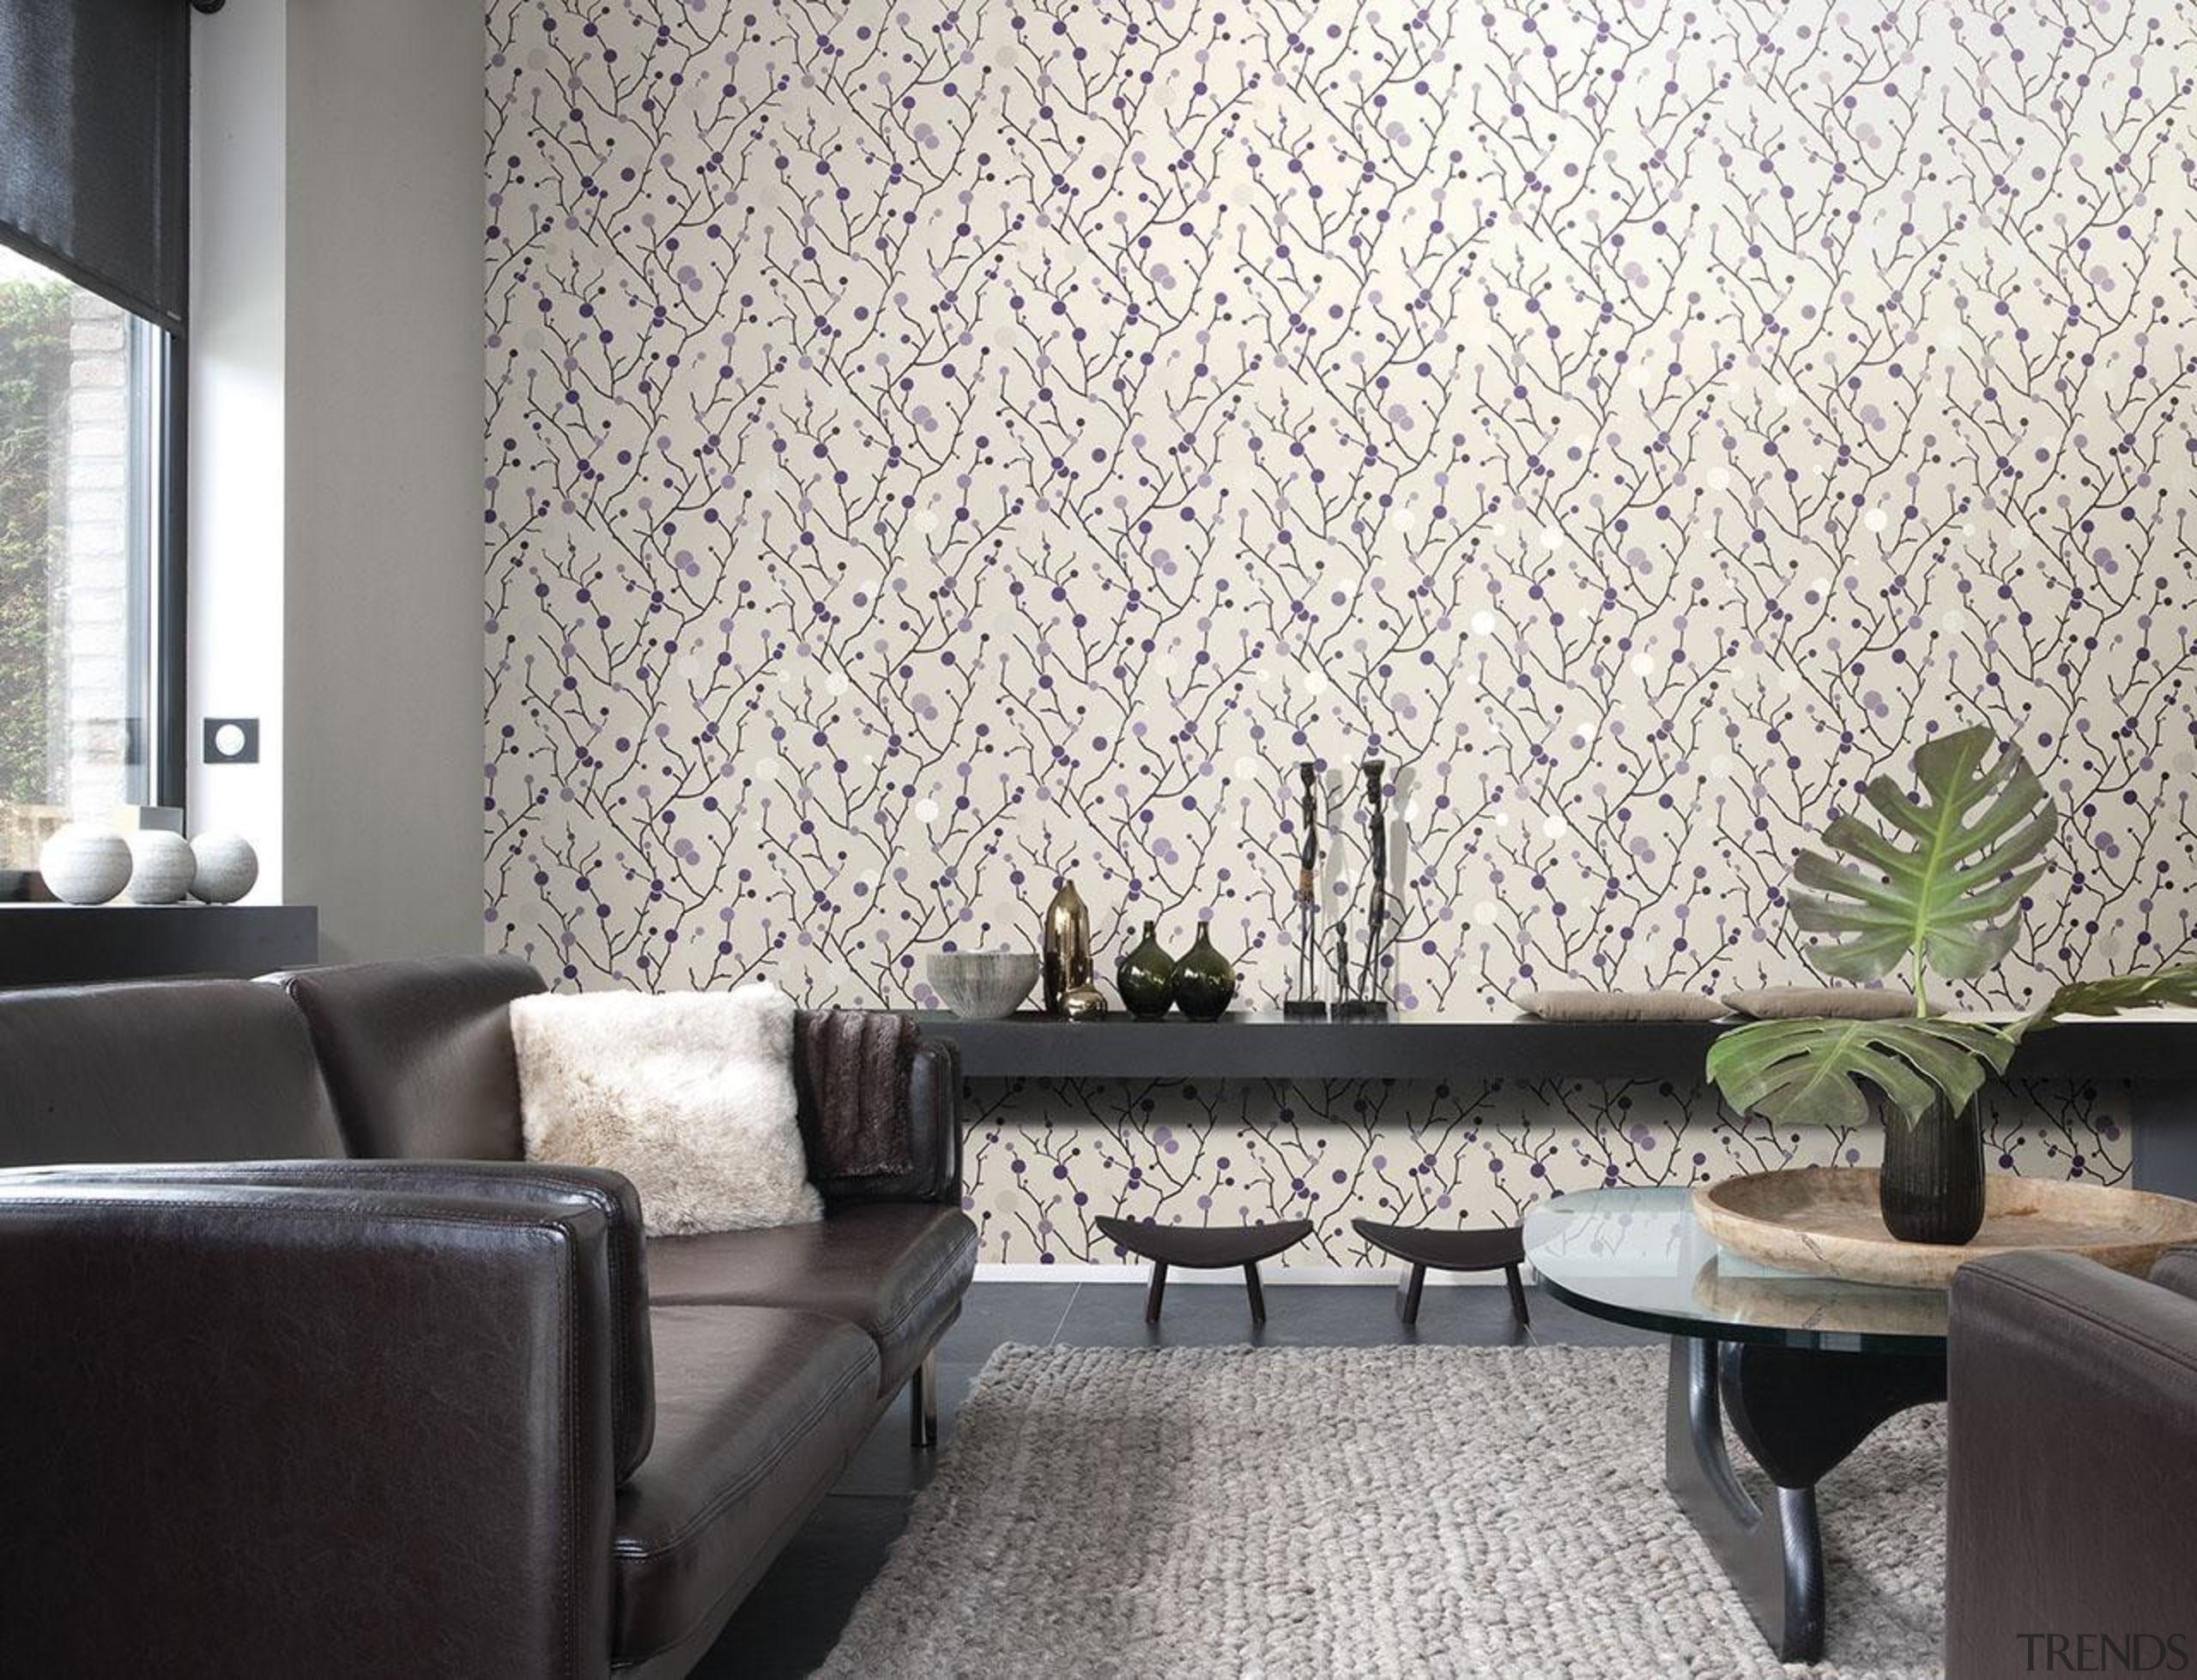 Modern Style Range - Modern Style Range - home, interior design, living room, property, room, table, wall, wallpaper, white